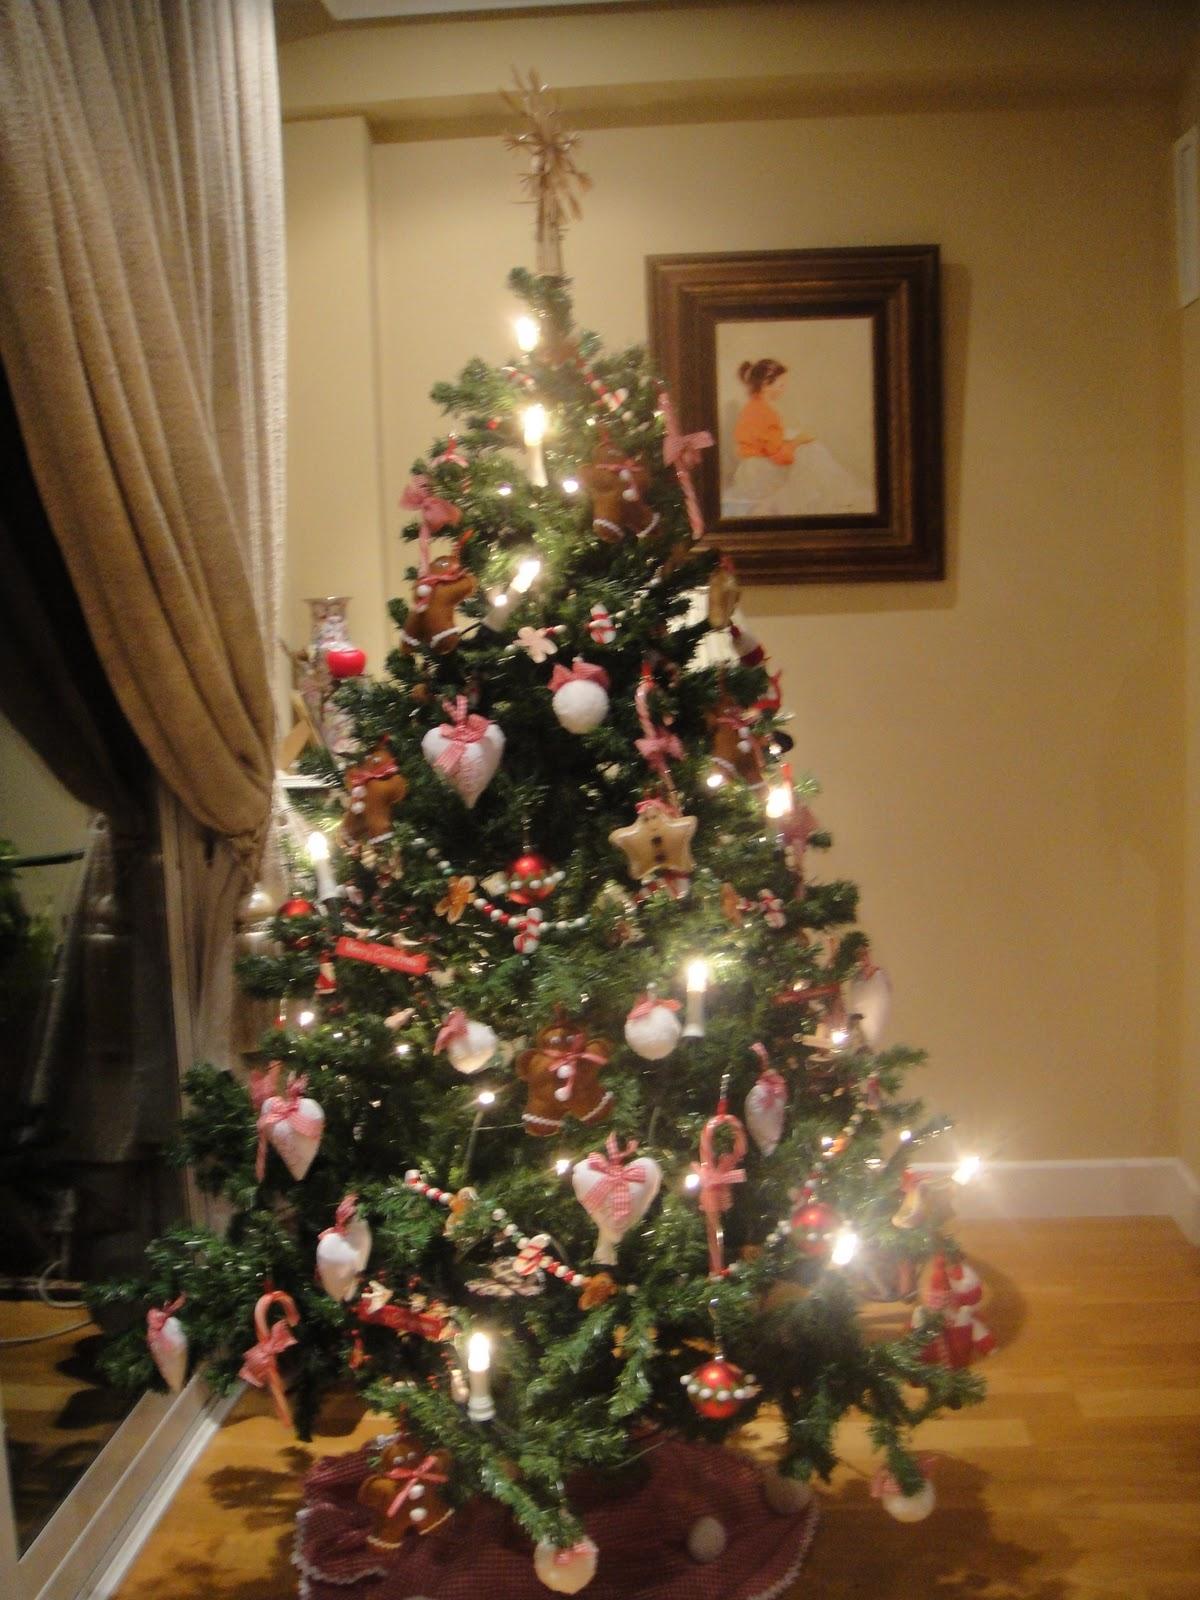 Decoracion De Noel ~  Decoraci?n navide?a Christmas decoration D?corations de No?l